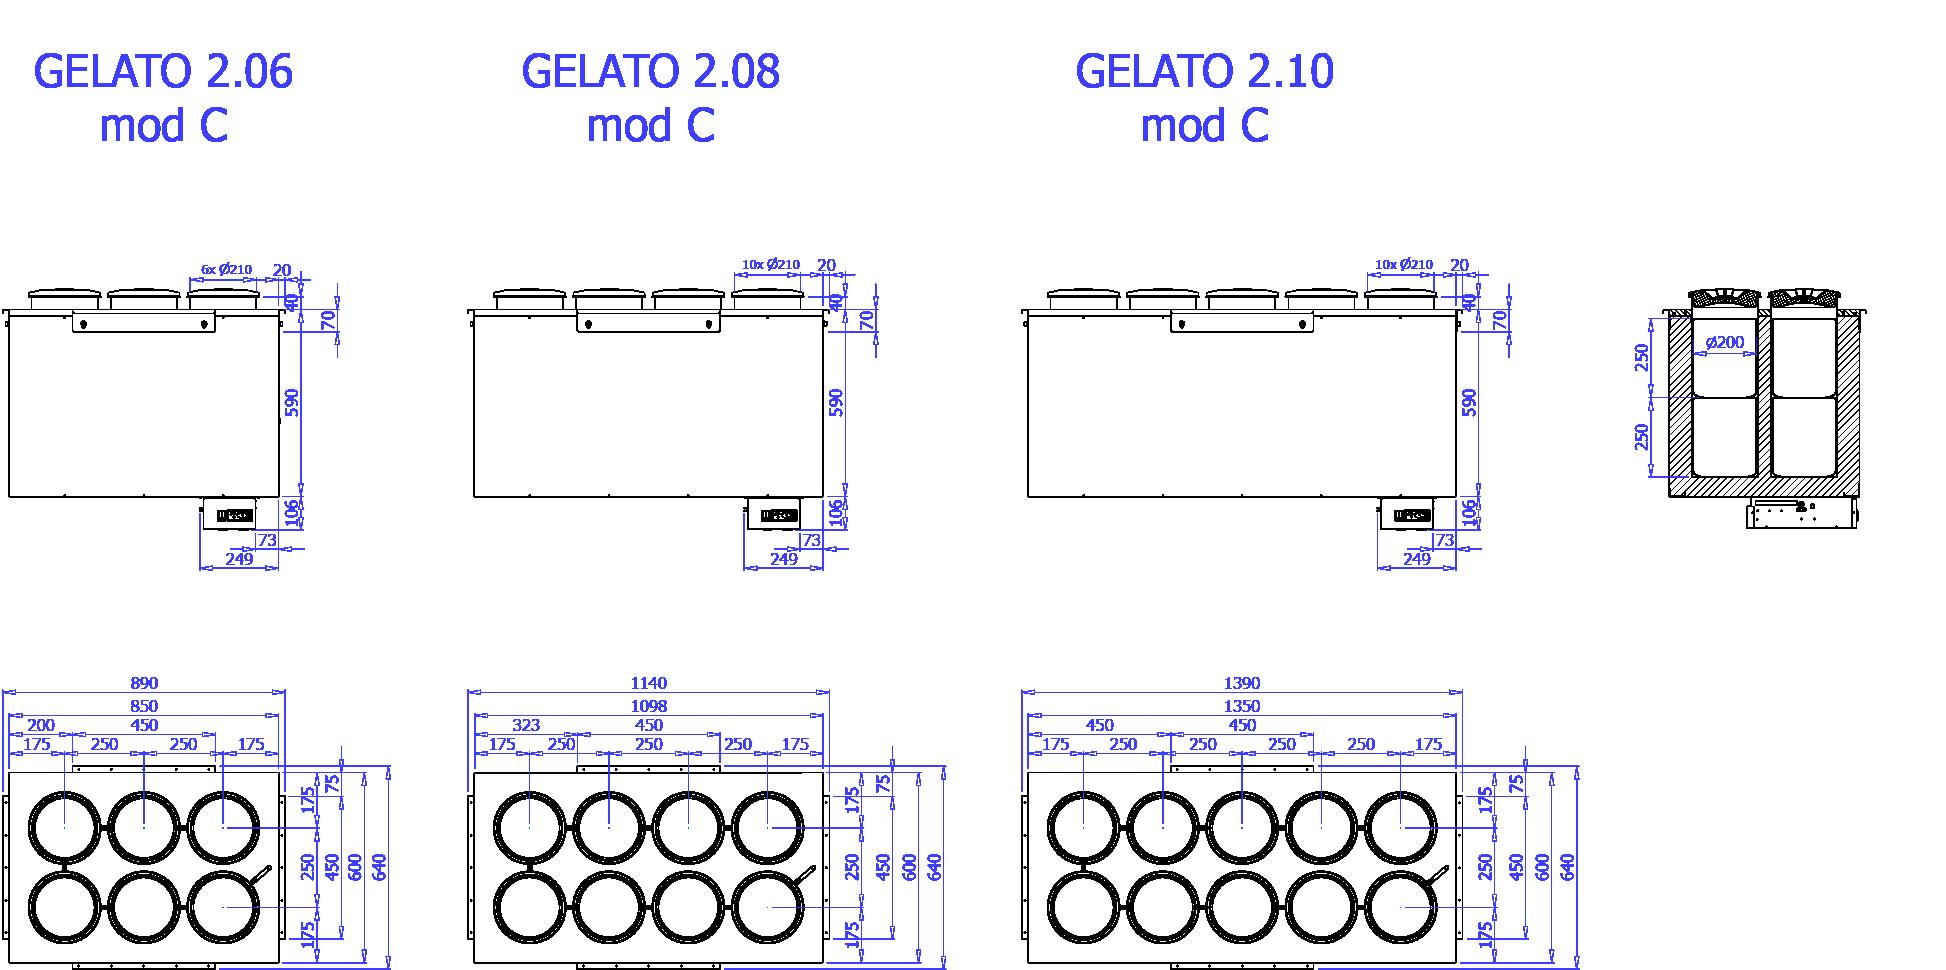 Technische Bezeichnung GELATO 2 MOD C